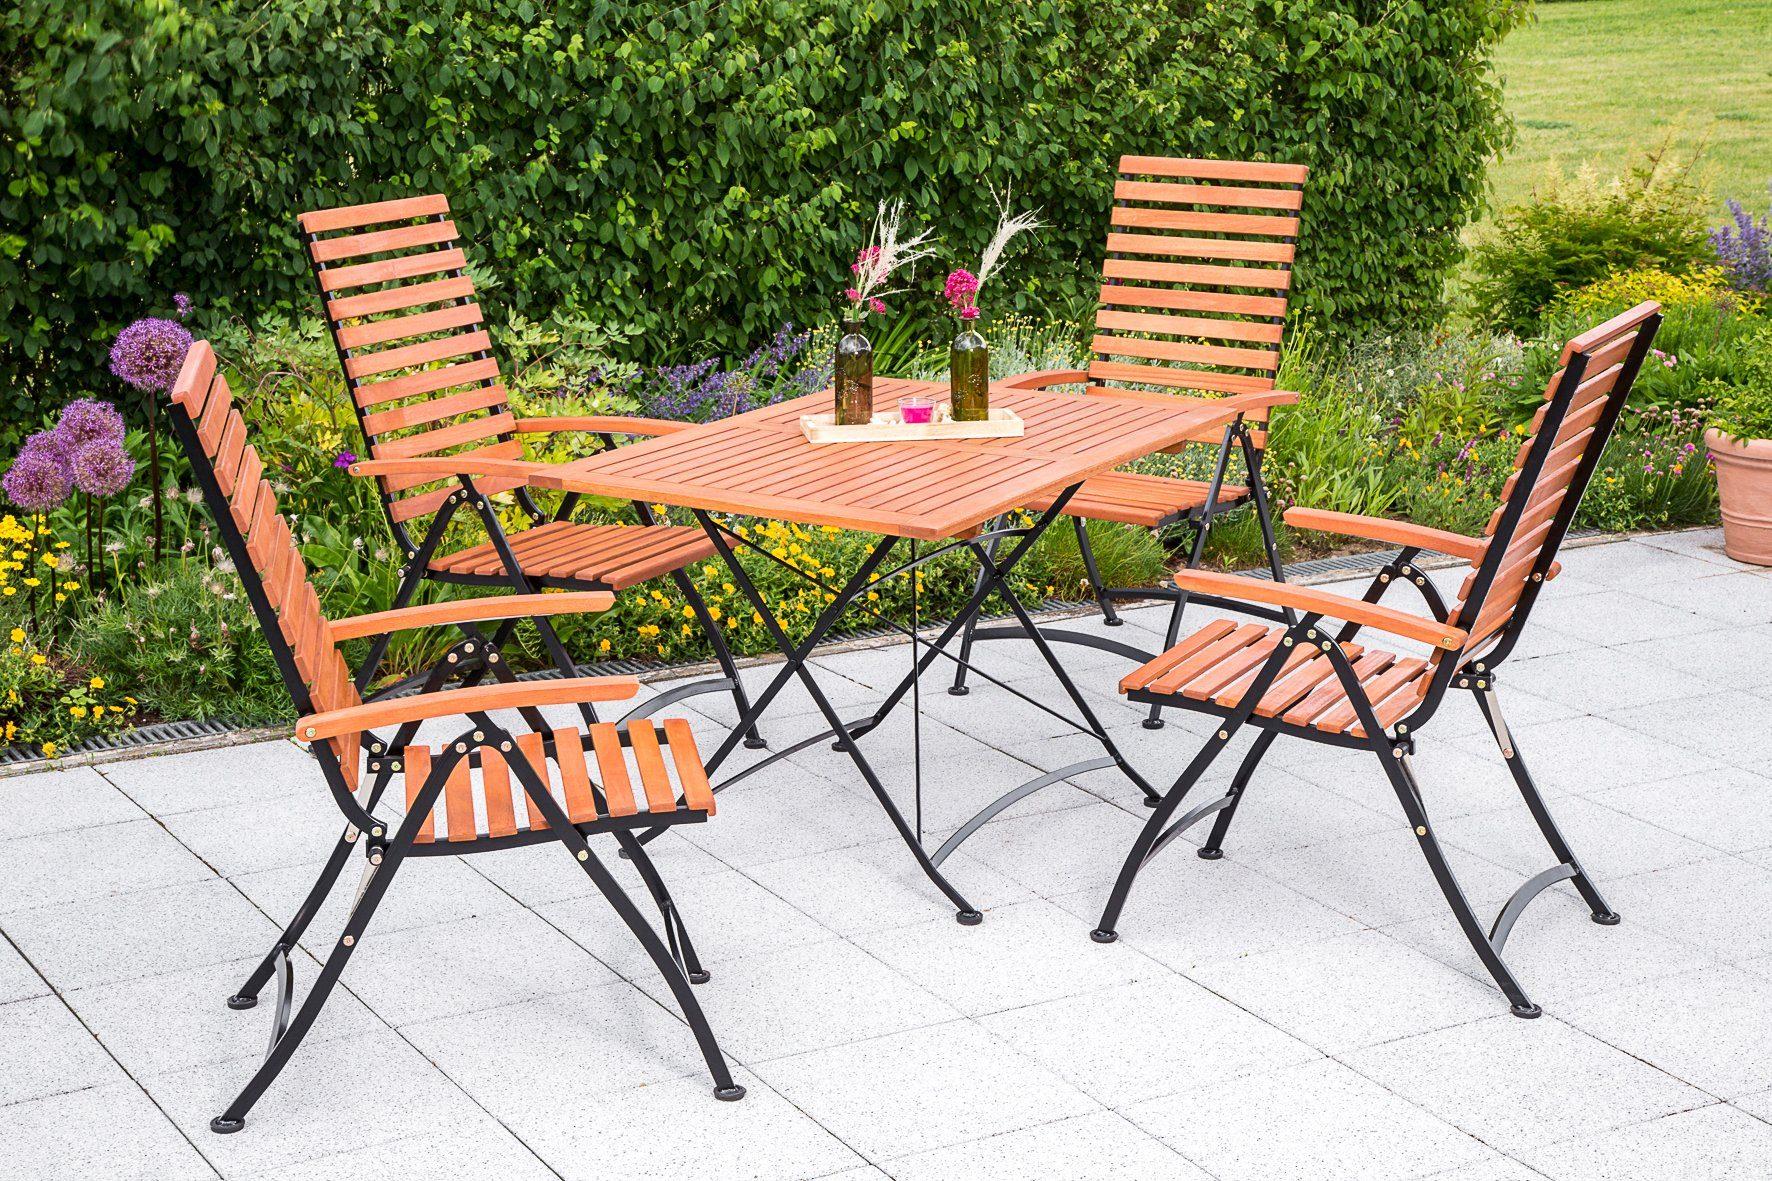 MERXX Gartenmöbelset »Schloßgarten«, 5tlg., 4 Sessel, Tisch, klappbar, Eukalyptusholz, natur